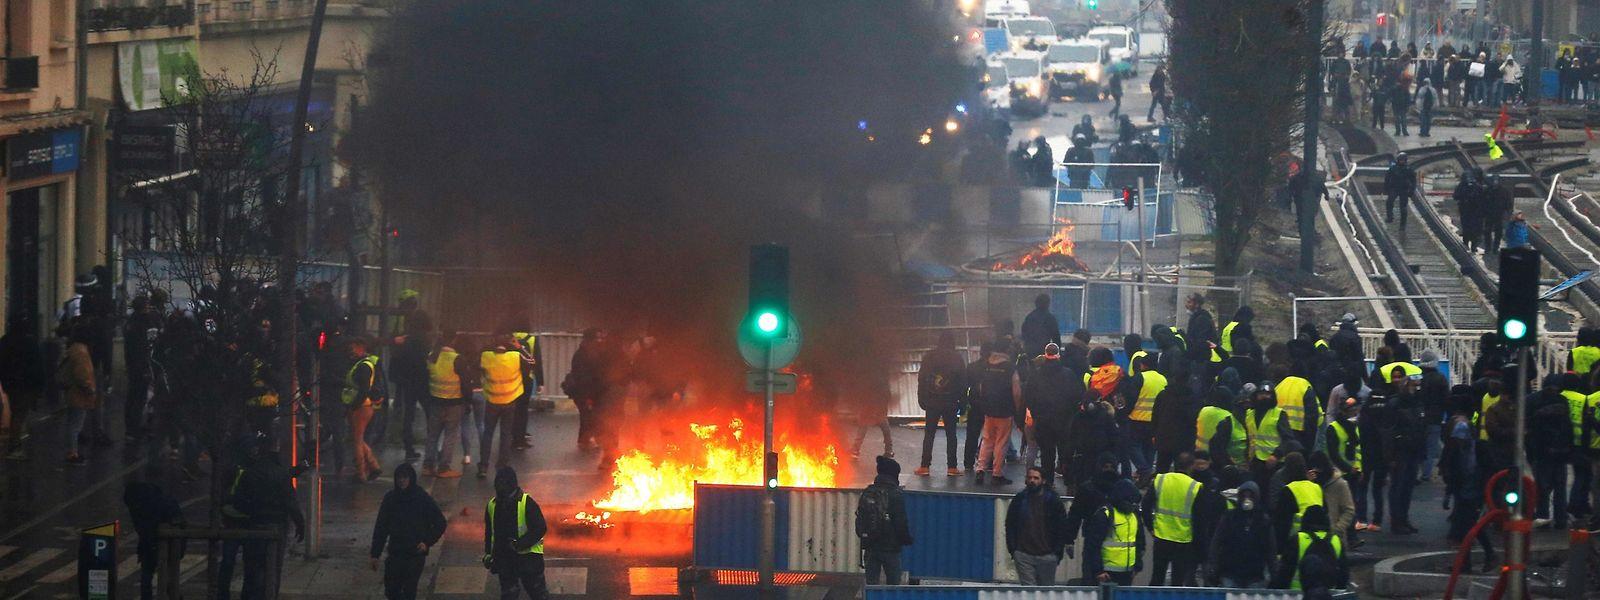 In ganz Frankreich demonstrierten die Gilets jaunes gegen Präsident Emmanuel Macron und seine Regierung, so auch in Caen.